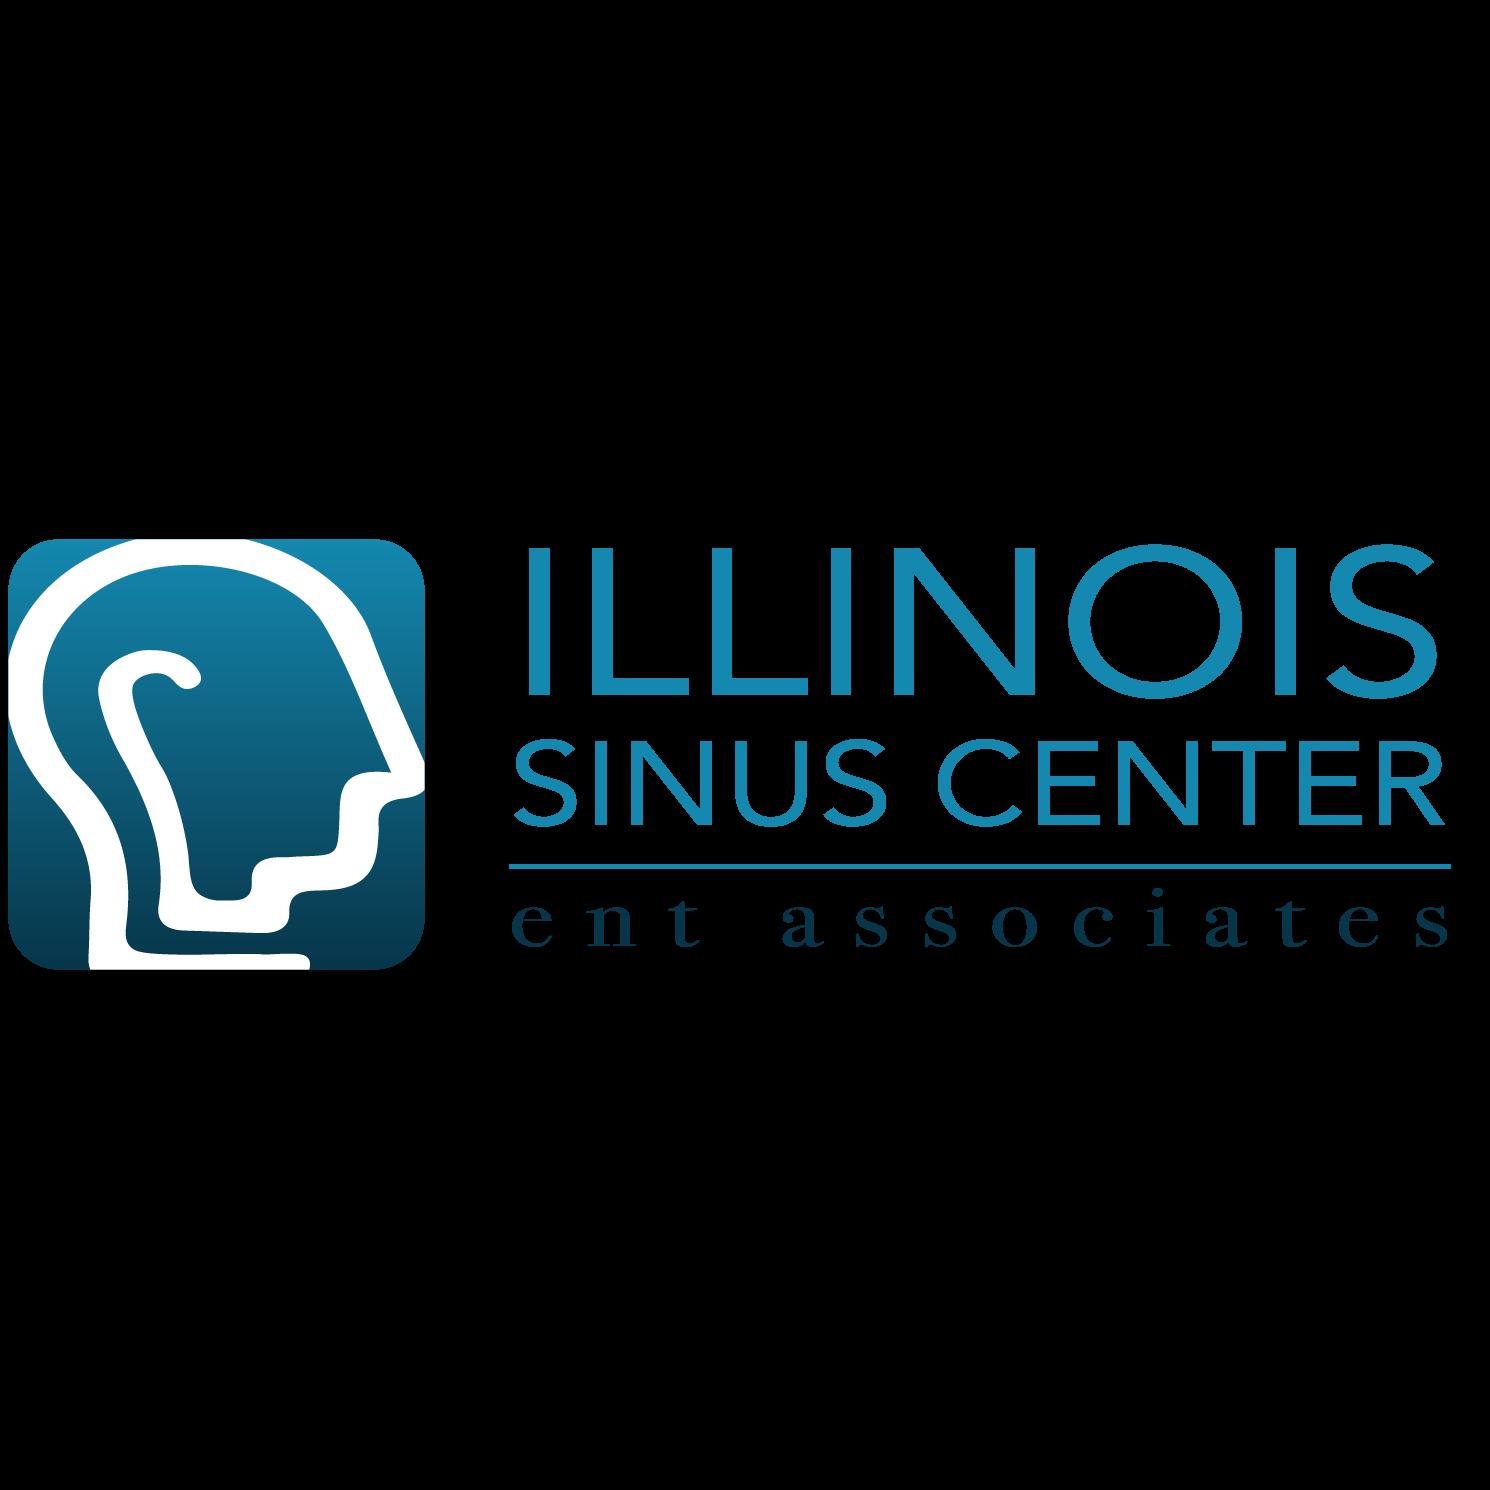 Illinois Sinus Center